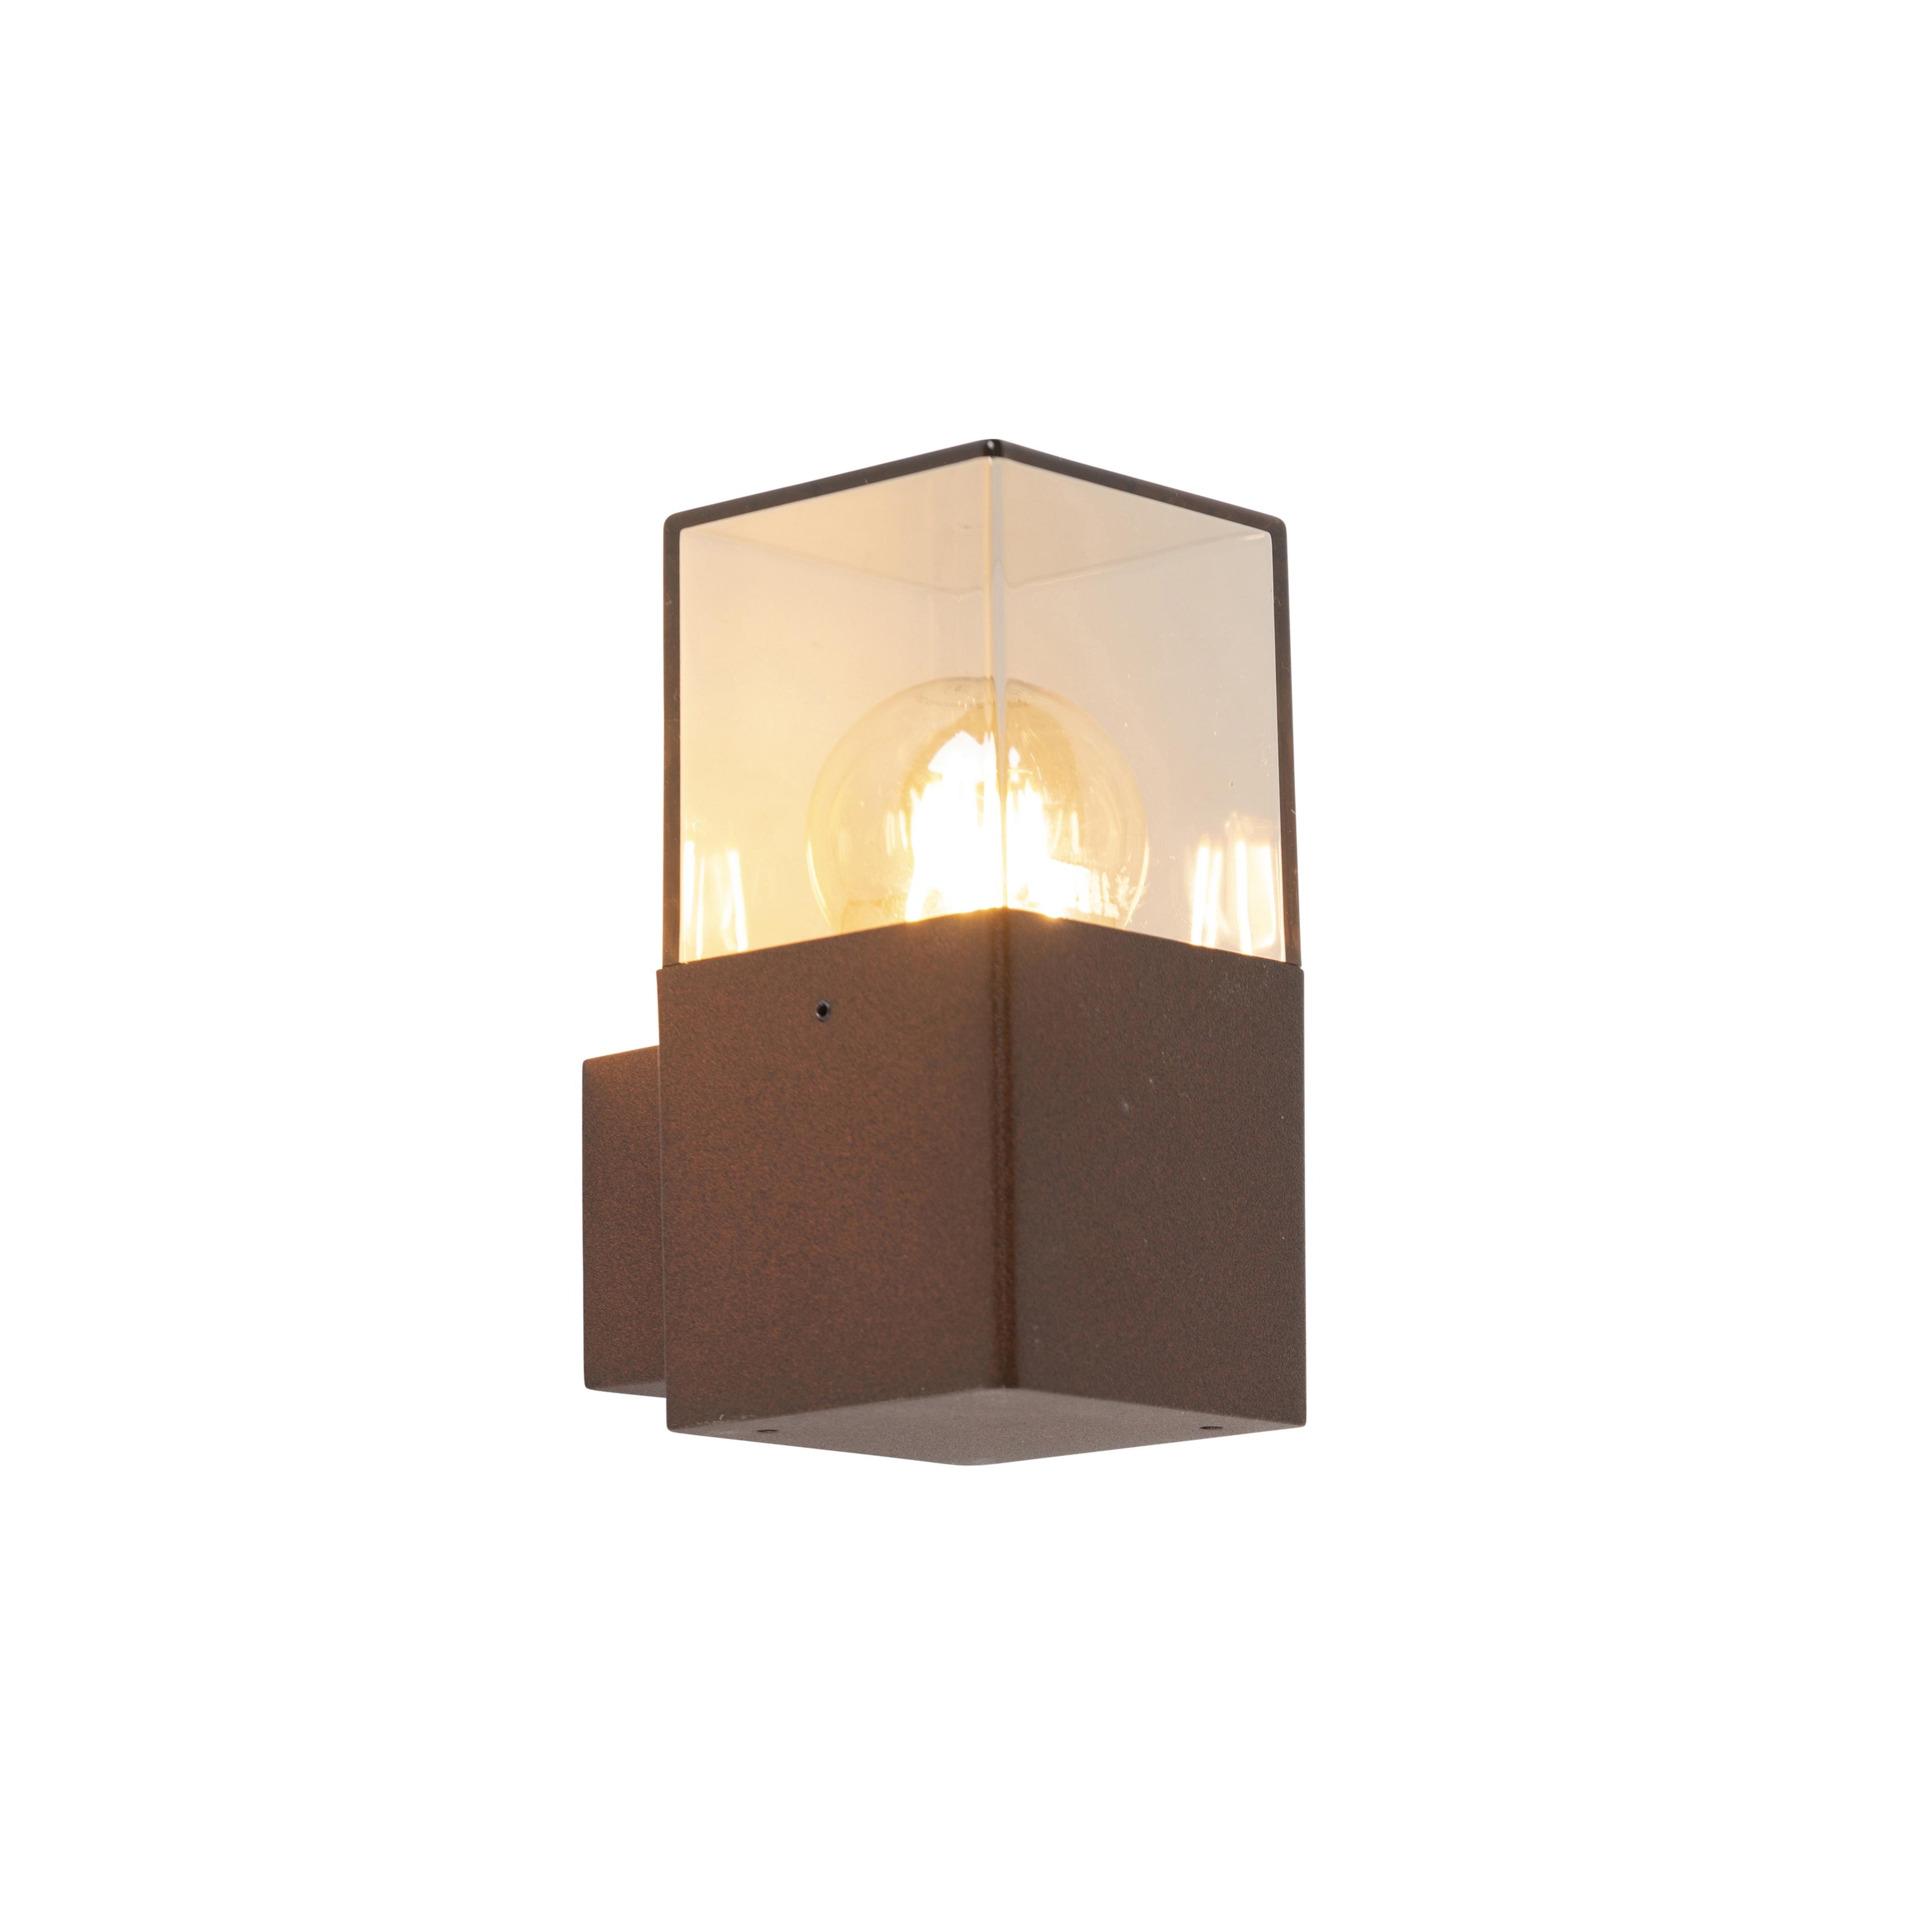 Industri�le buitenwandlamp roestbruin IP44 - Denmark